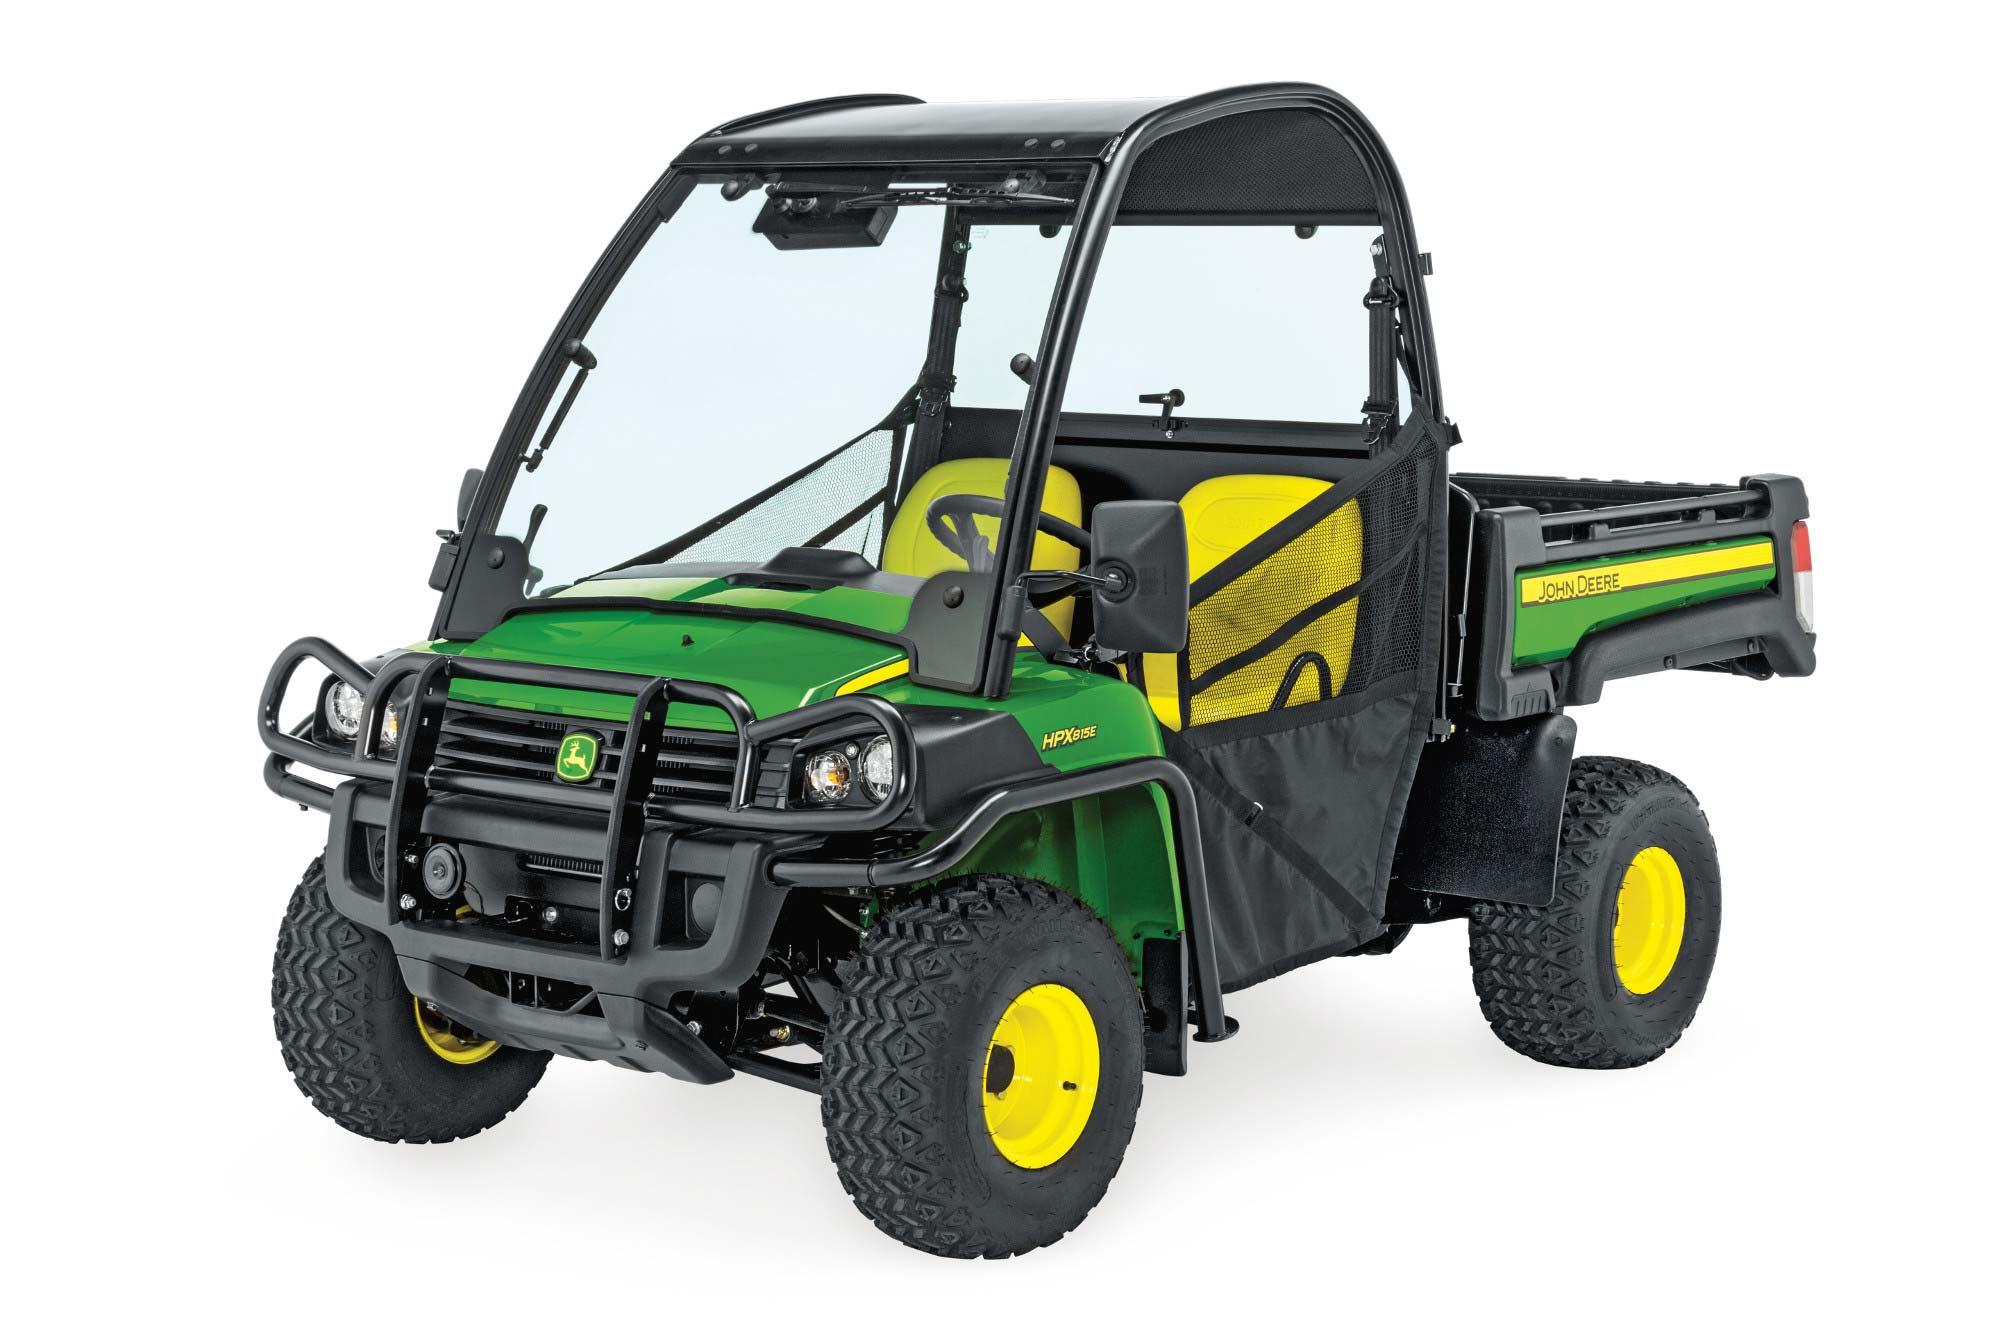 John Deere Gators >> John Deere Gator Hpx815e Powercut